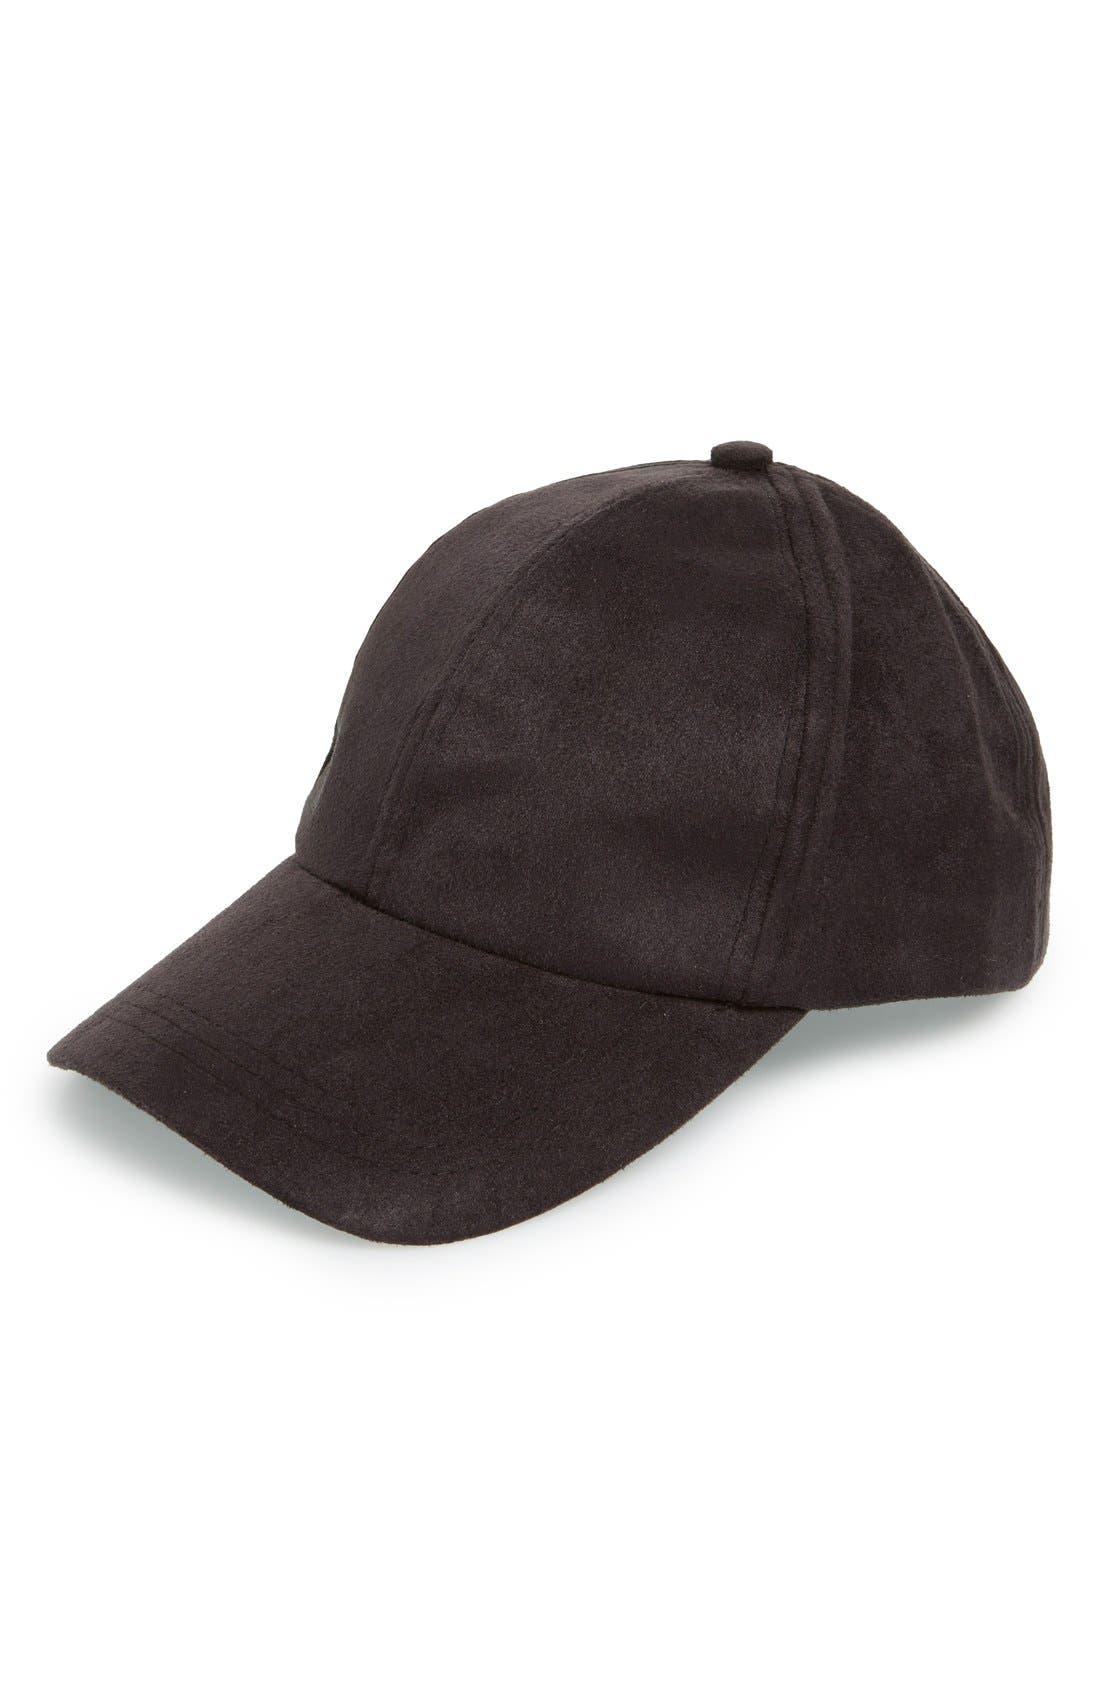 Snapback Baseball Cap, Main, color, 001